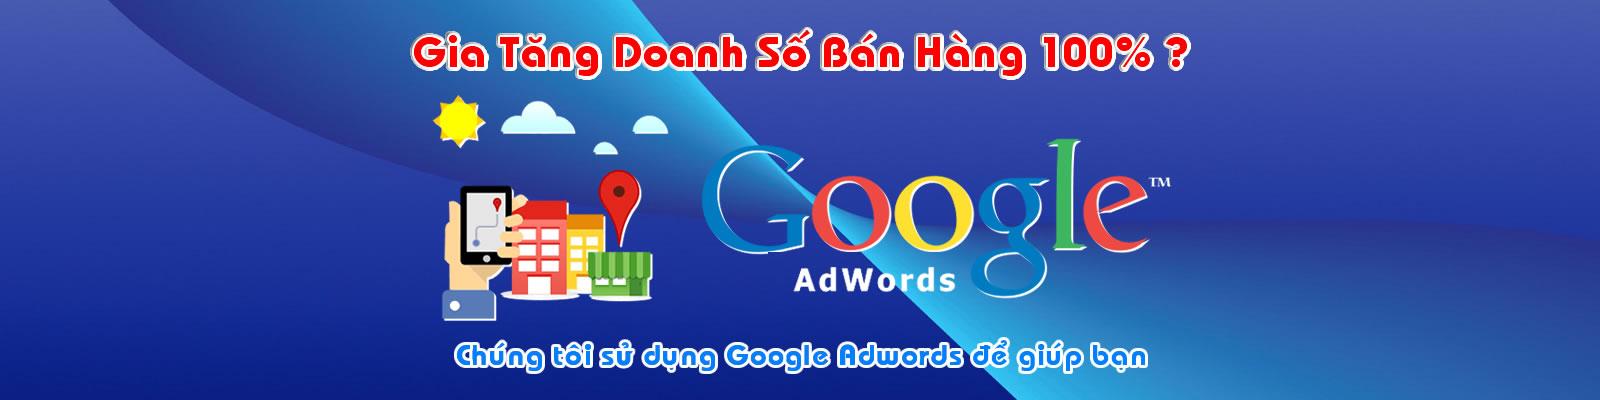 googler-adword-gia-tang-doanh-so-ban-hang-moi